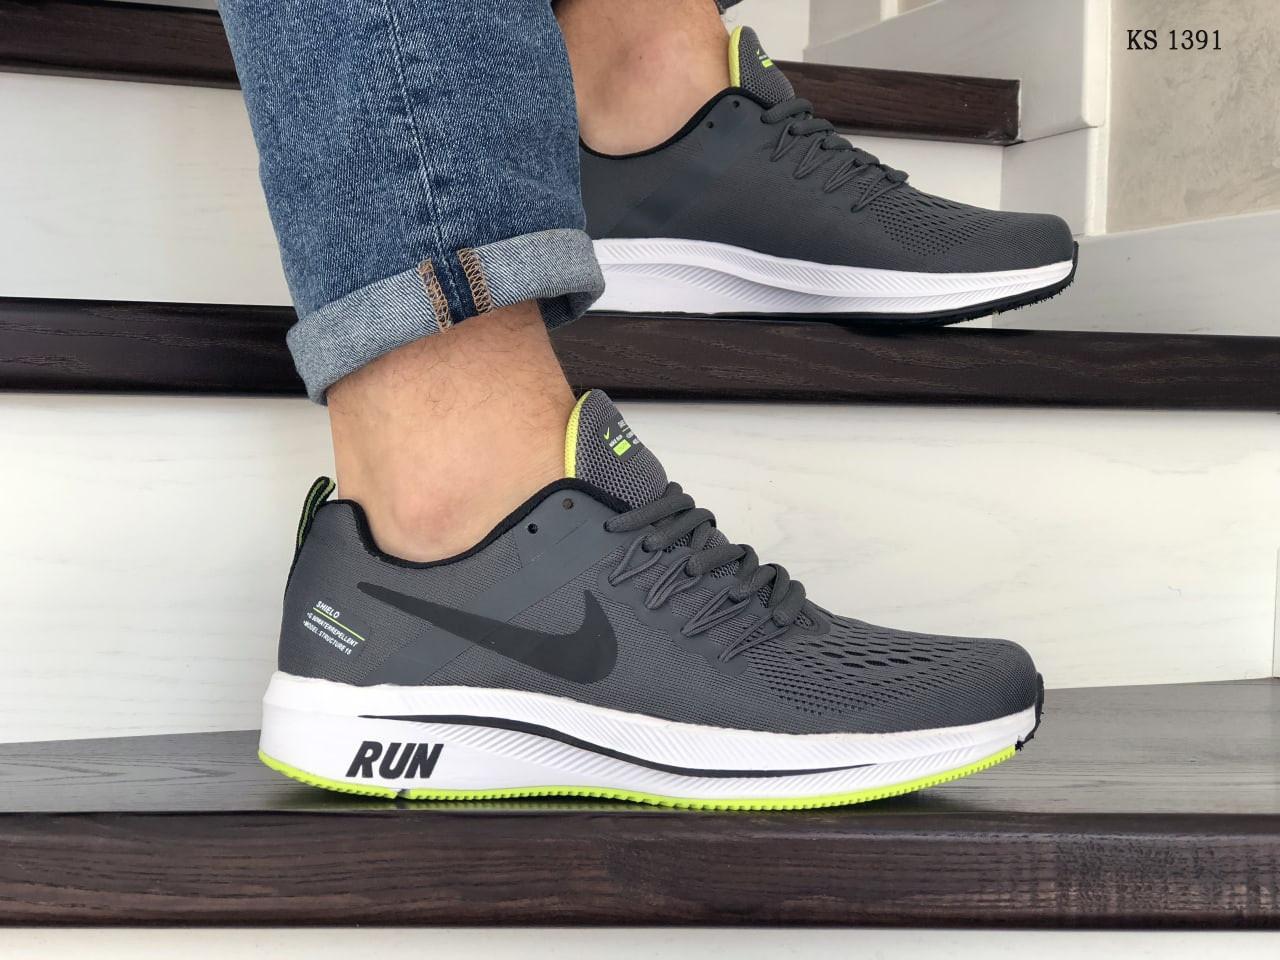 Мужские кроссовки Nike Run shield (серо-салатовые) KS 1391